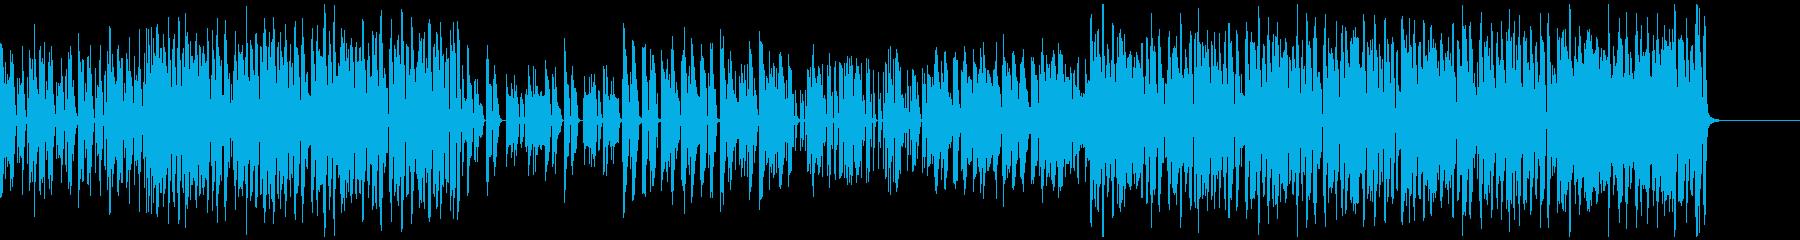 源さんっぽいHappyなEDM【逃恥】の再生済みの波形